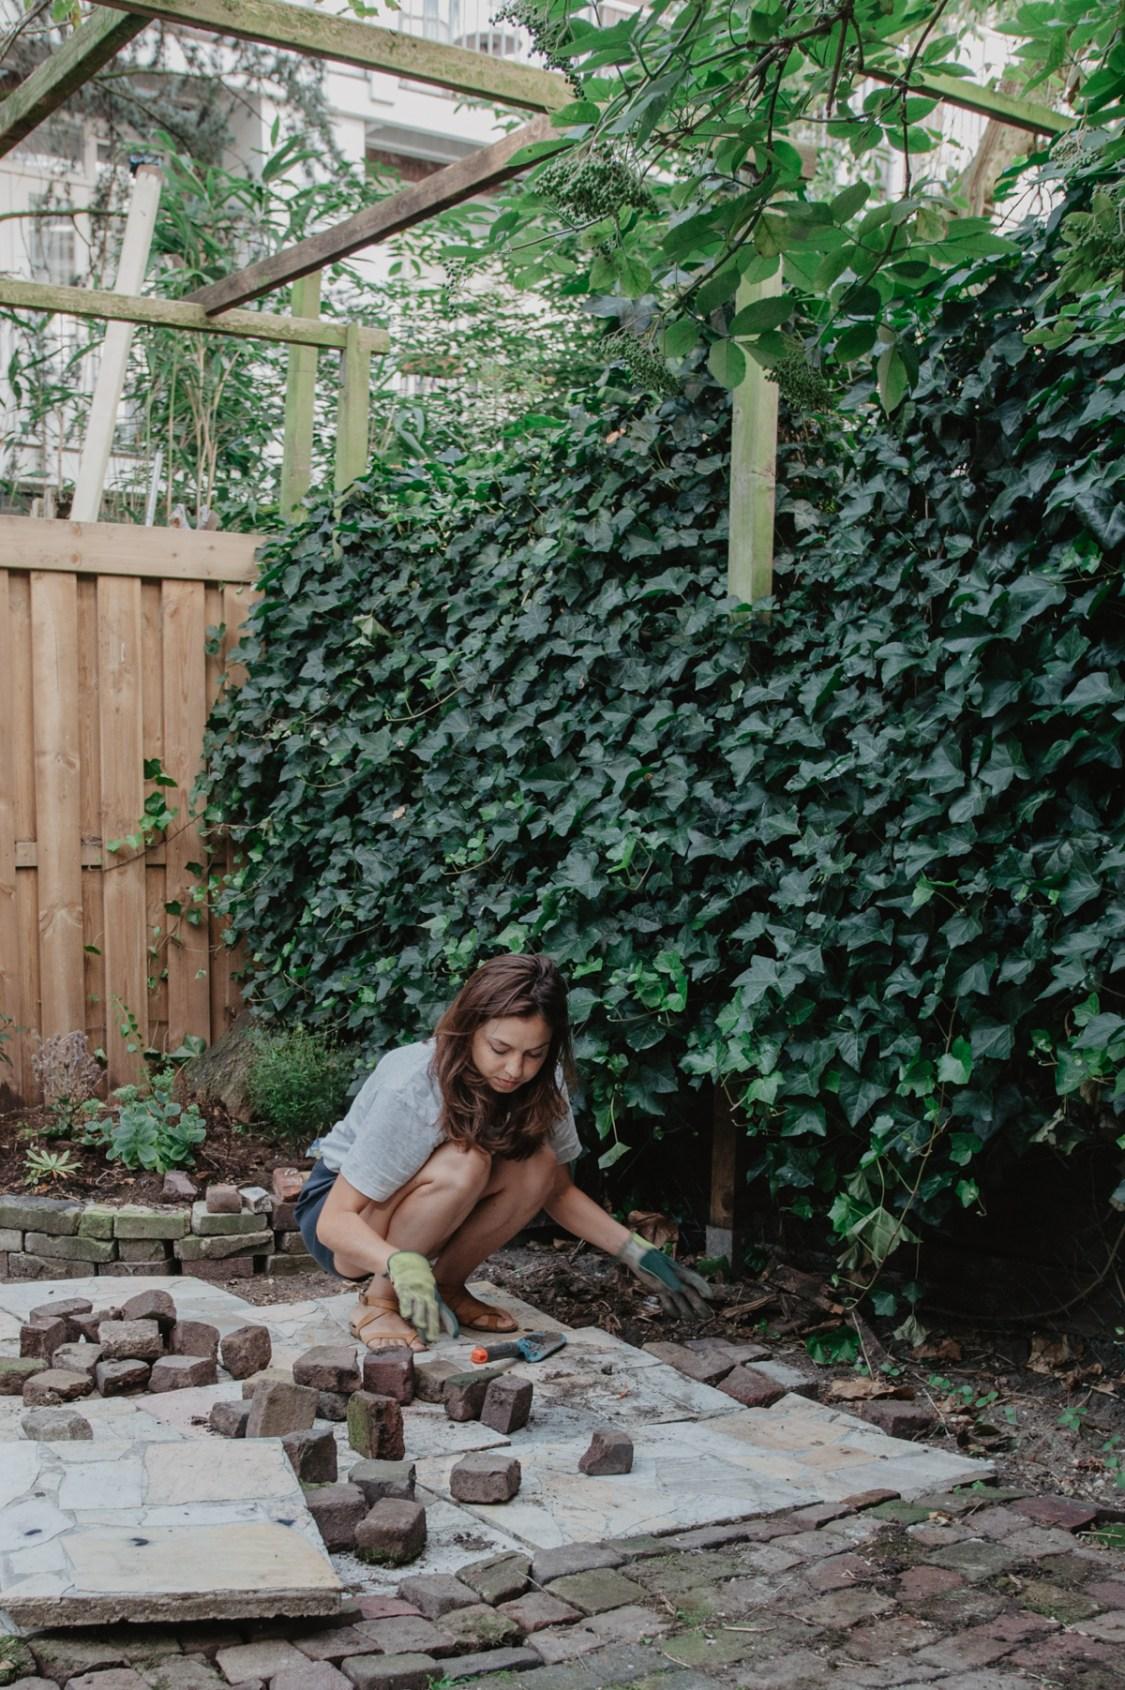 Portretfotografie in tuin - professionele fotografie tuin - tuinieren fotografie